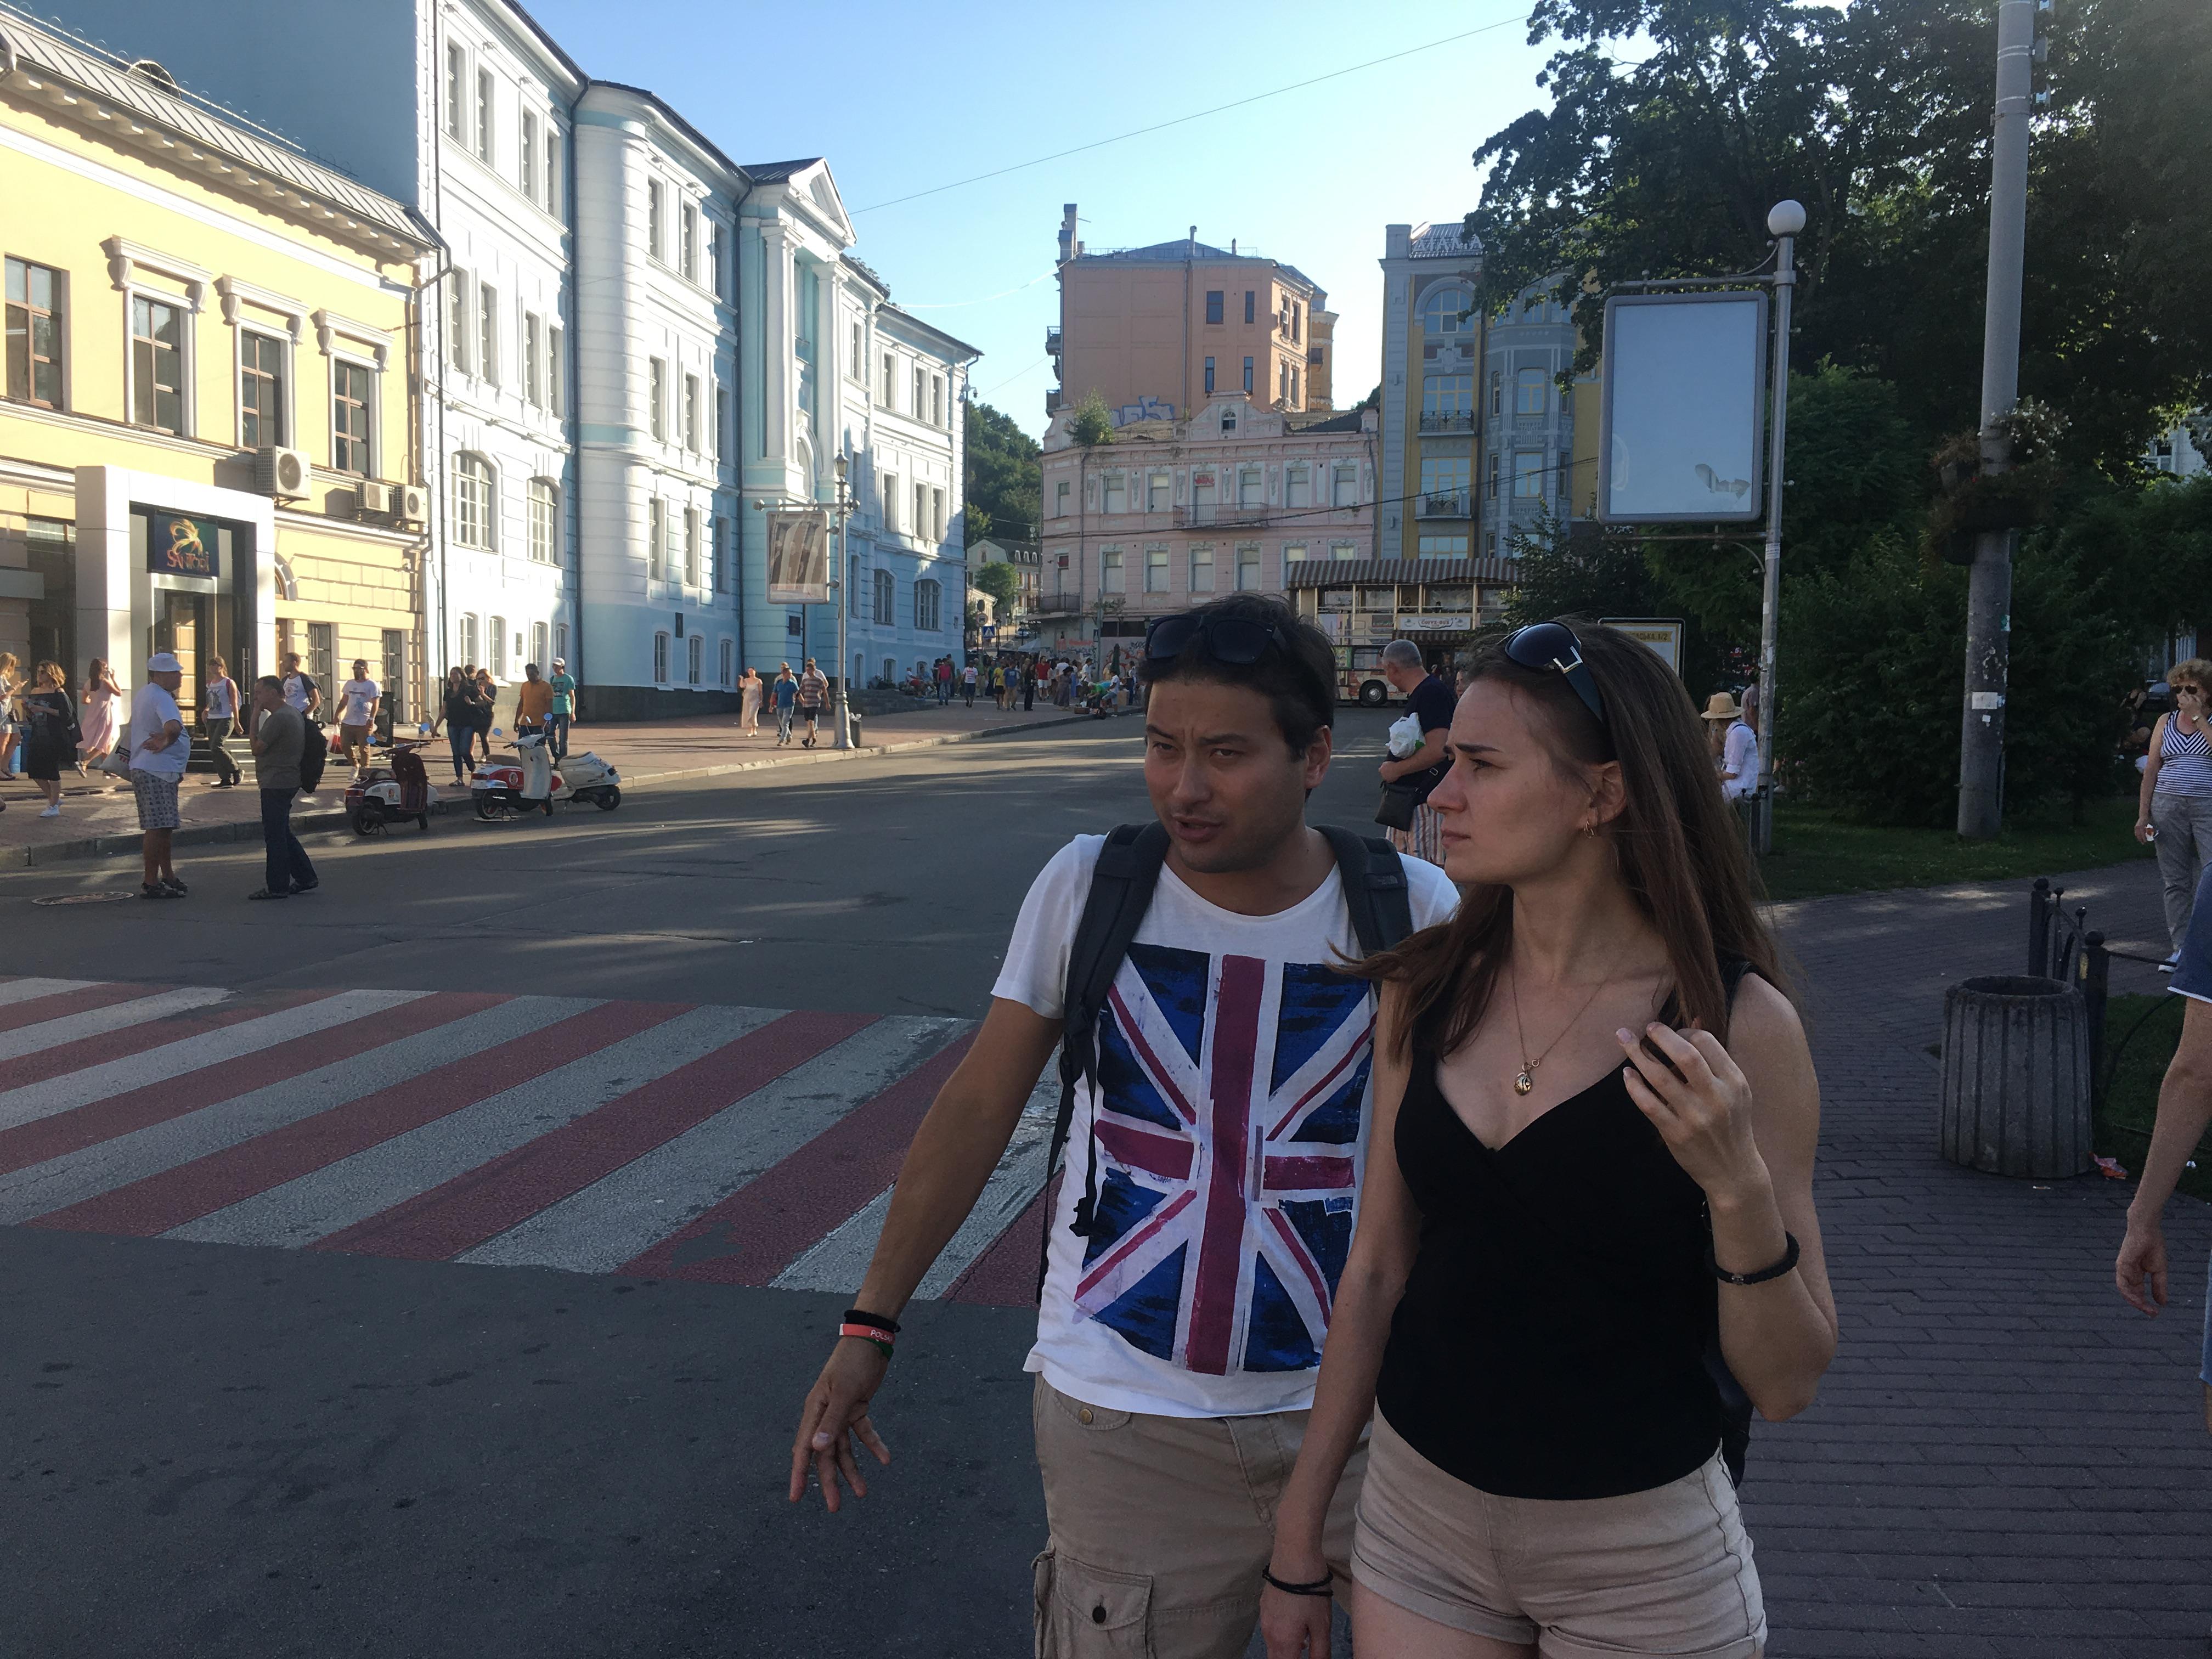 Kijów. Pierwsze spotkanie z Ukrainą i w Ukrainie (Dzień 1) 24